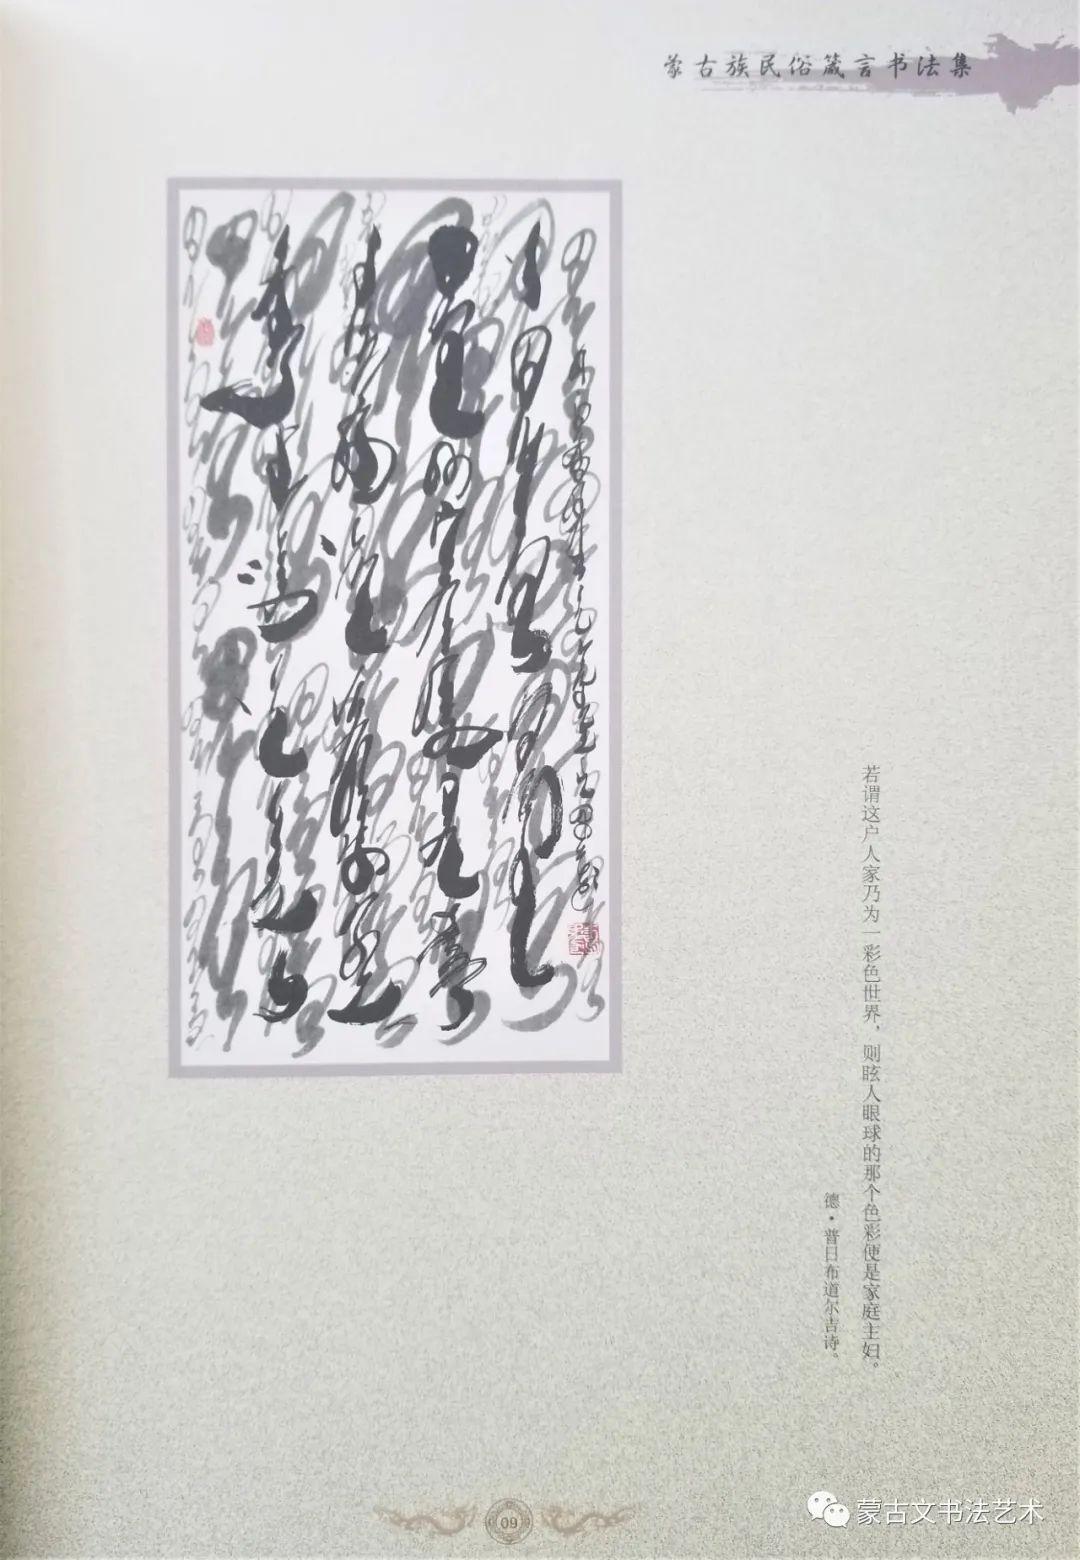 宝金山-蒙古族民俗箴言书法集 第4张